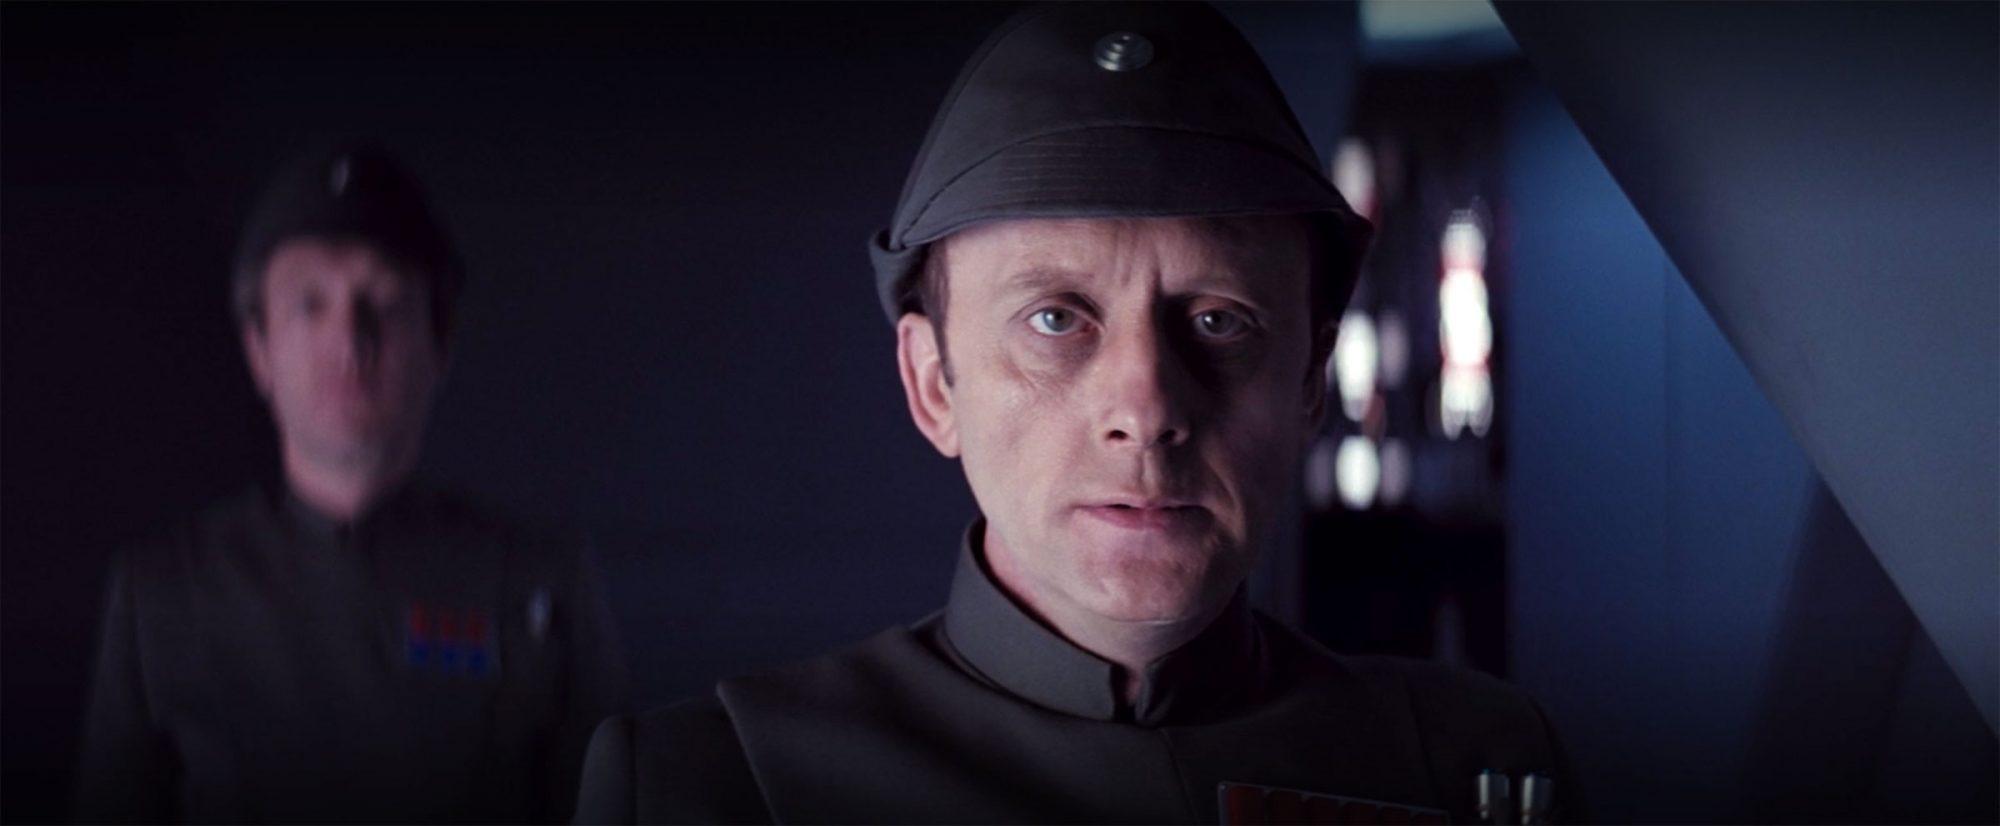 Admiral-Piett